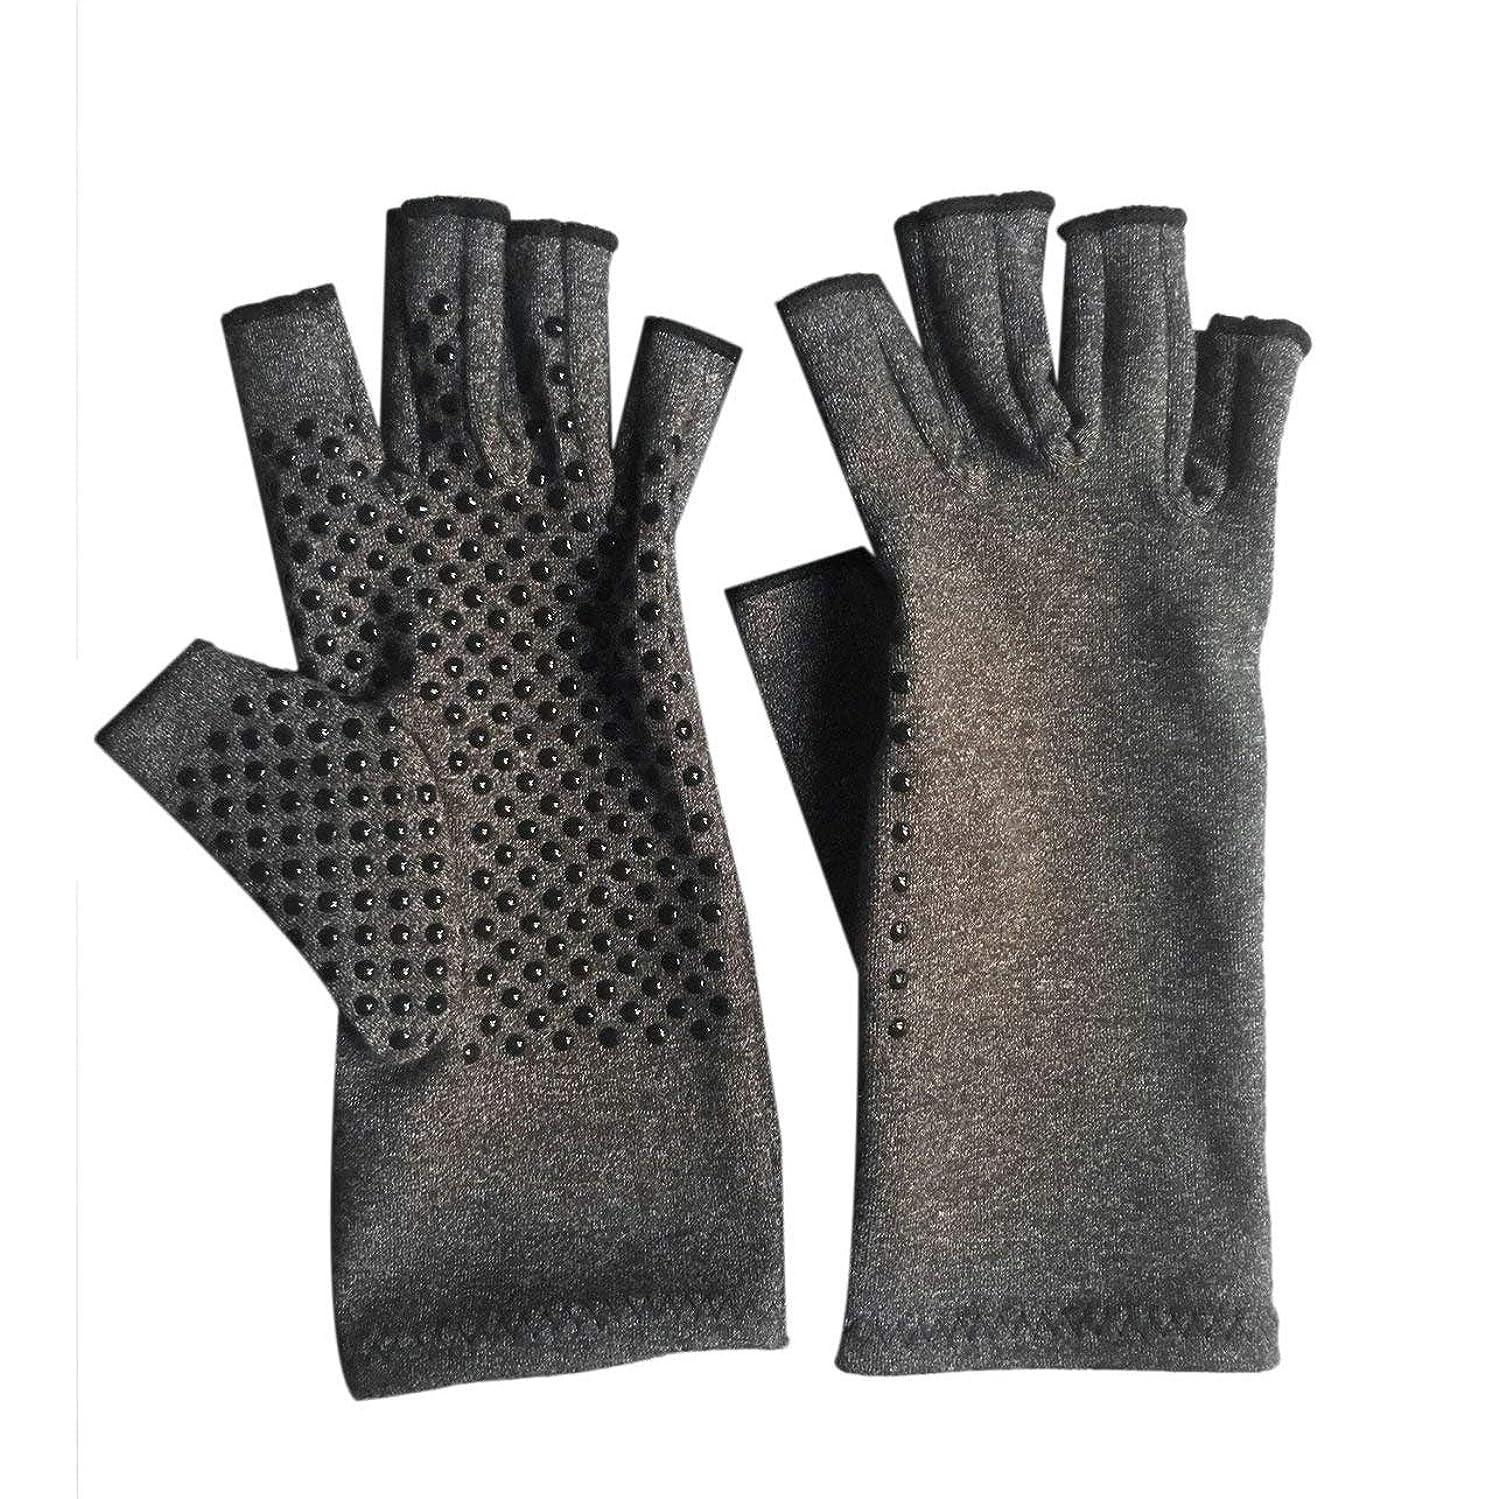 ディレクトリ返還不平を言うDeeploveUU 1ペアユニセックス男性女性療法圧縮手袋関節炎関節痛緩和ヘルスケアハーフフィンガーグローブトレーニンググローブ